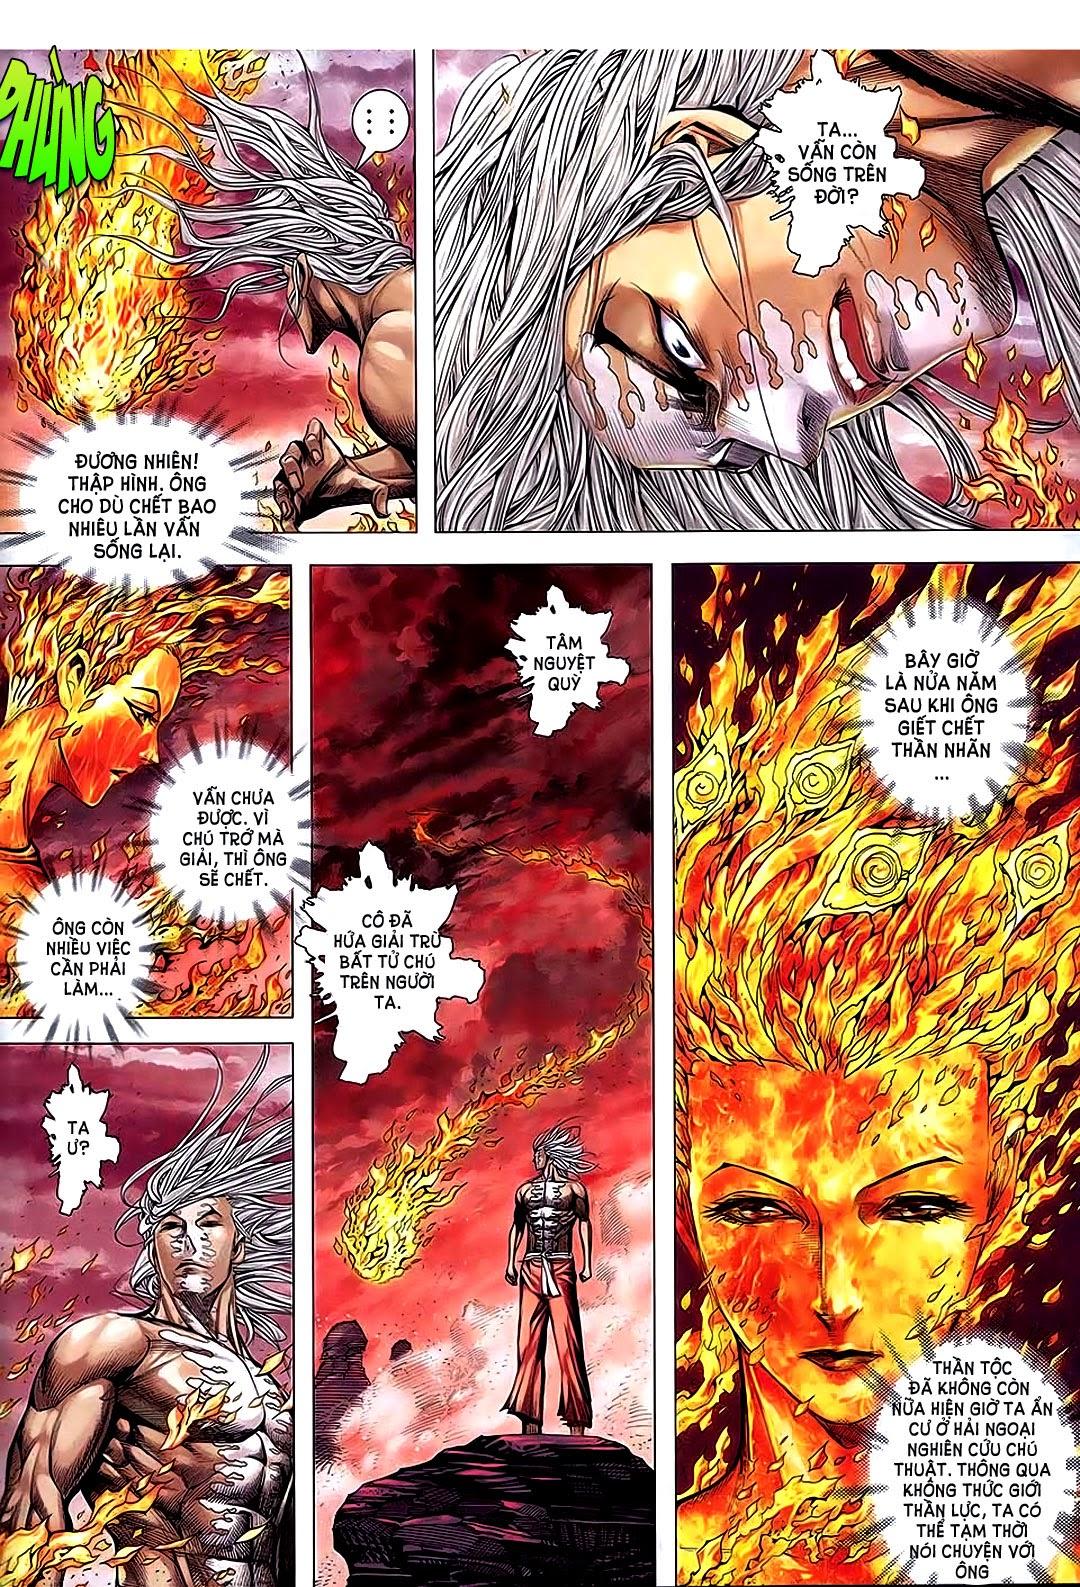 Phong Thần Ký chap 182 – End Trang 10 - Mangak.info